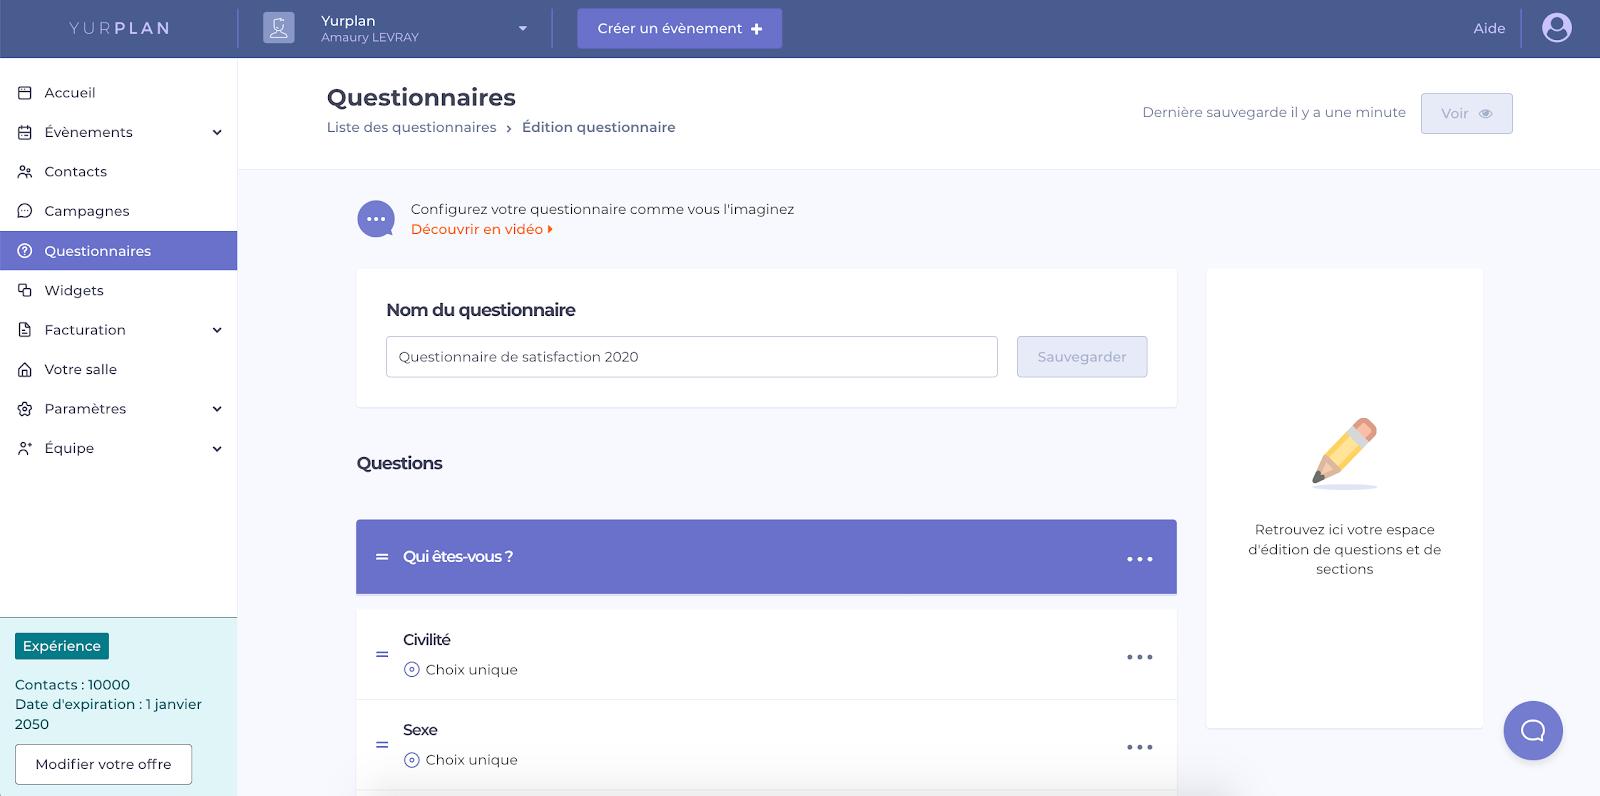 Capture d'écran de la plateforme Yurplan et des questionnaires de satisfaction aux participants